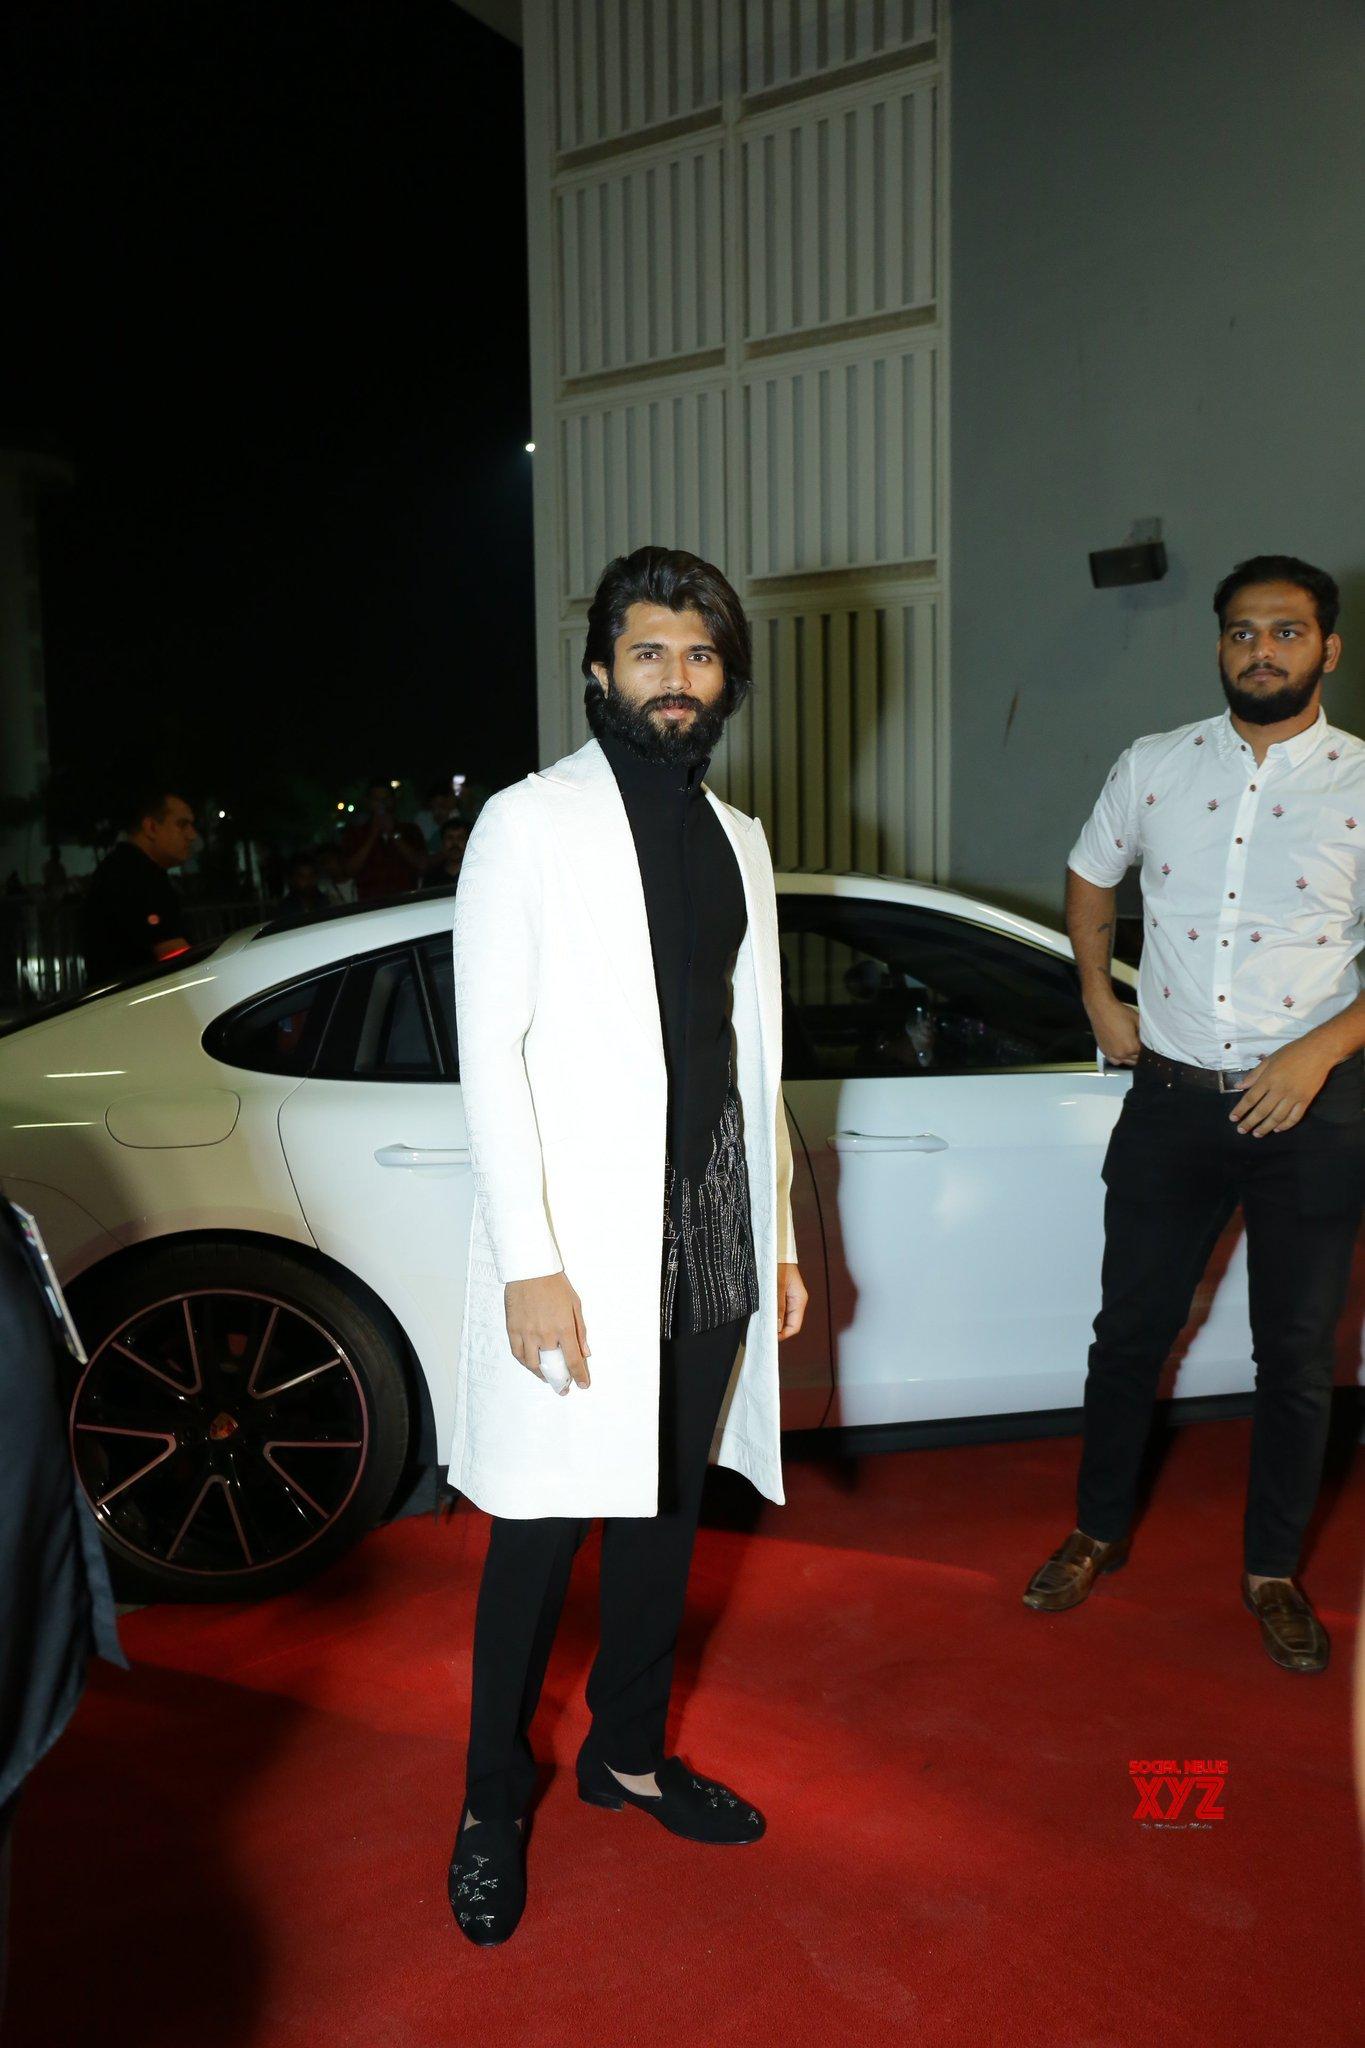 Vijay Deverakonda Stylish Still From SIIMA Awards 2019 Red Carpet